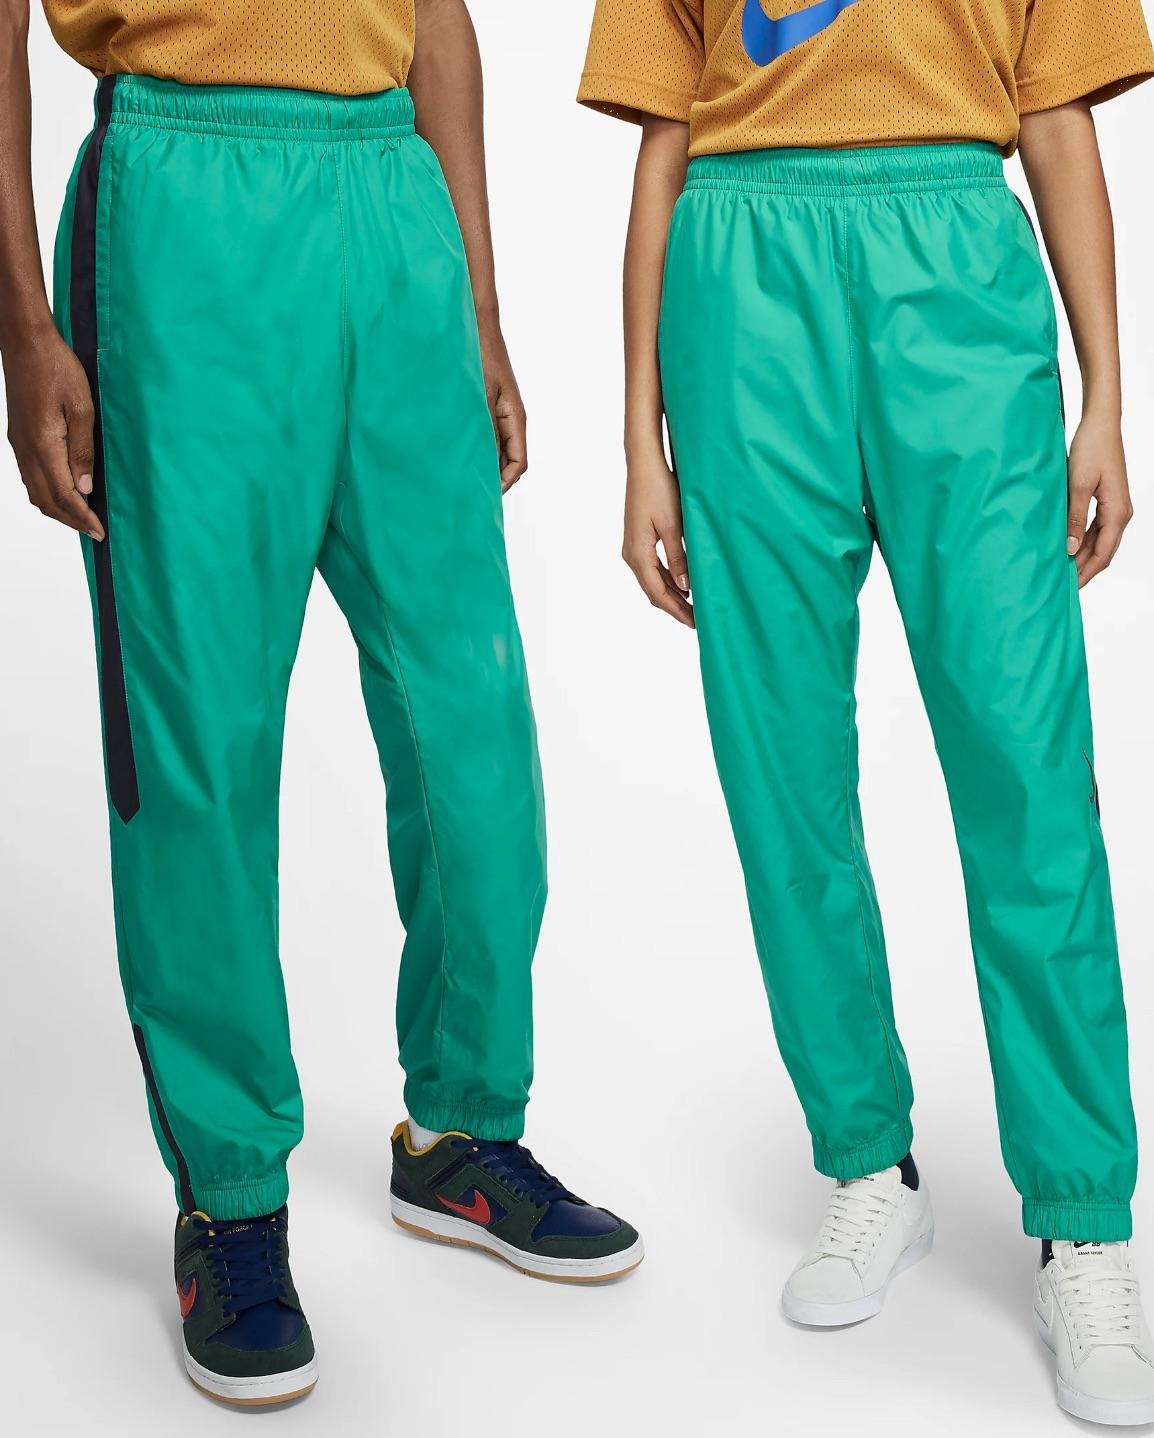 Pantalón deportivo Nike SB Shield que combina un tejido resistente al agua con una silueta ligera y diseñada para el movimiento que permite seguir patinando aunque el tiempo empeore.